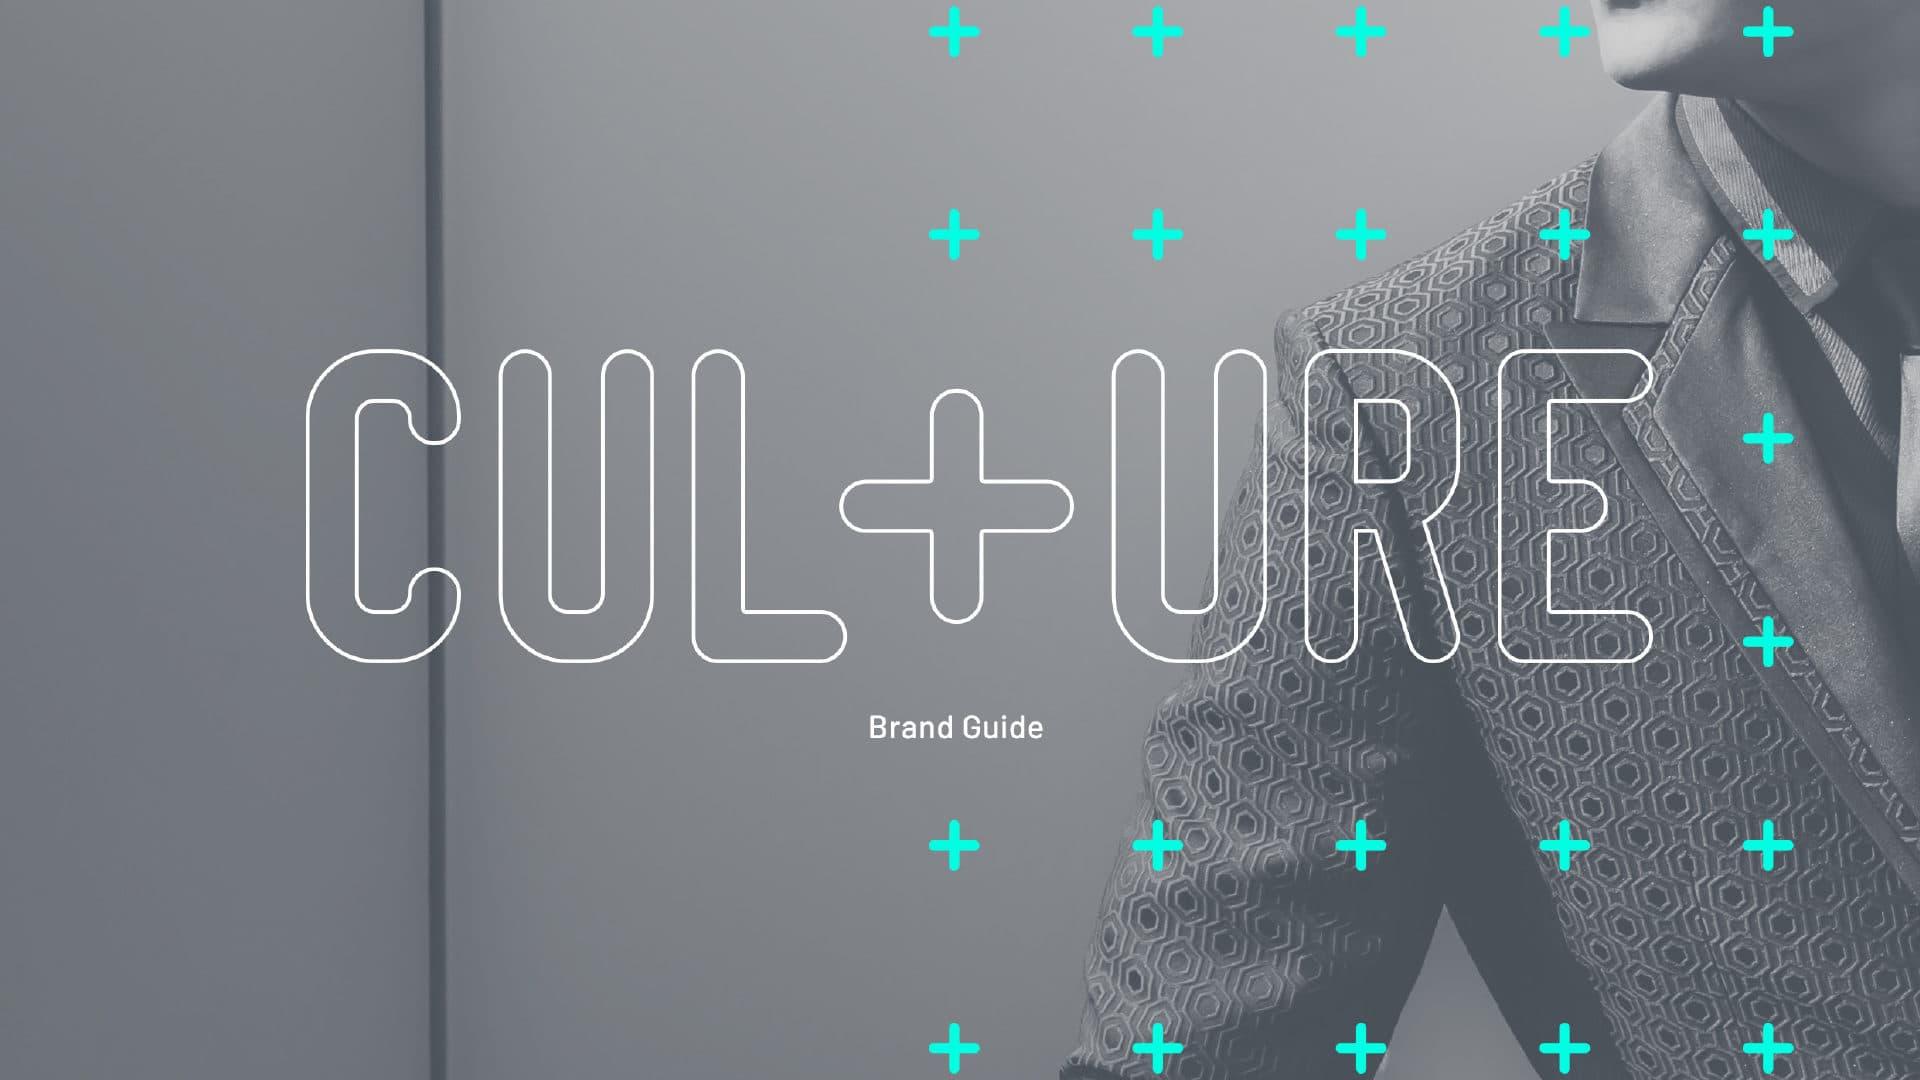 Culture Brand Development